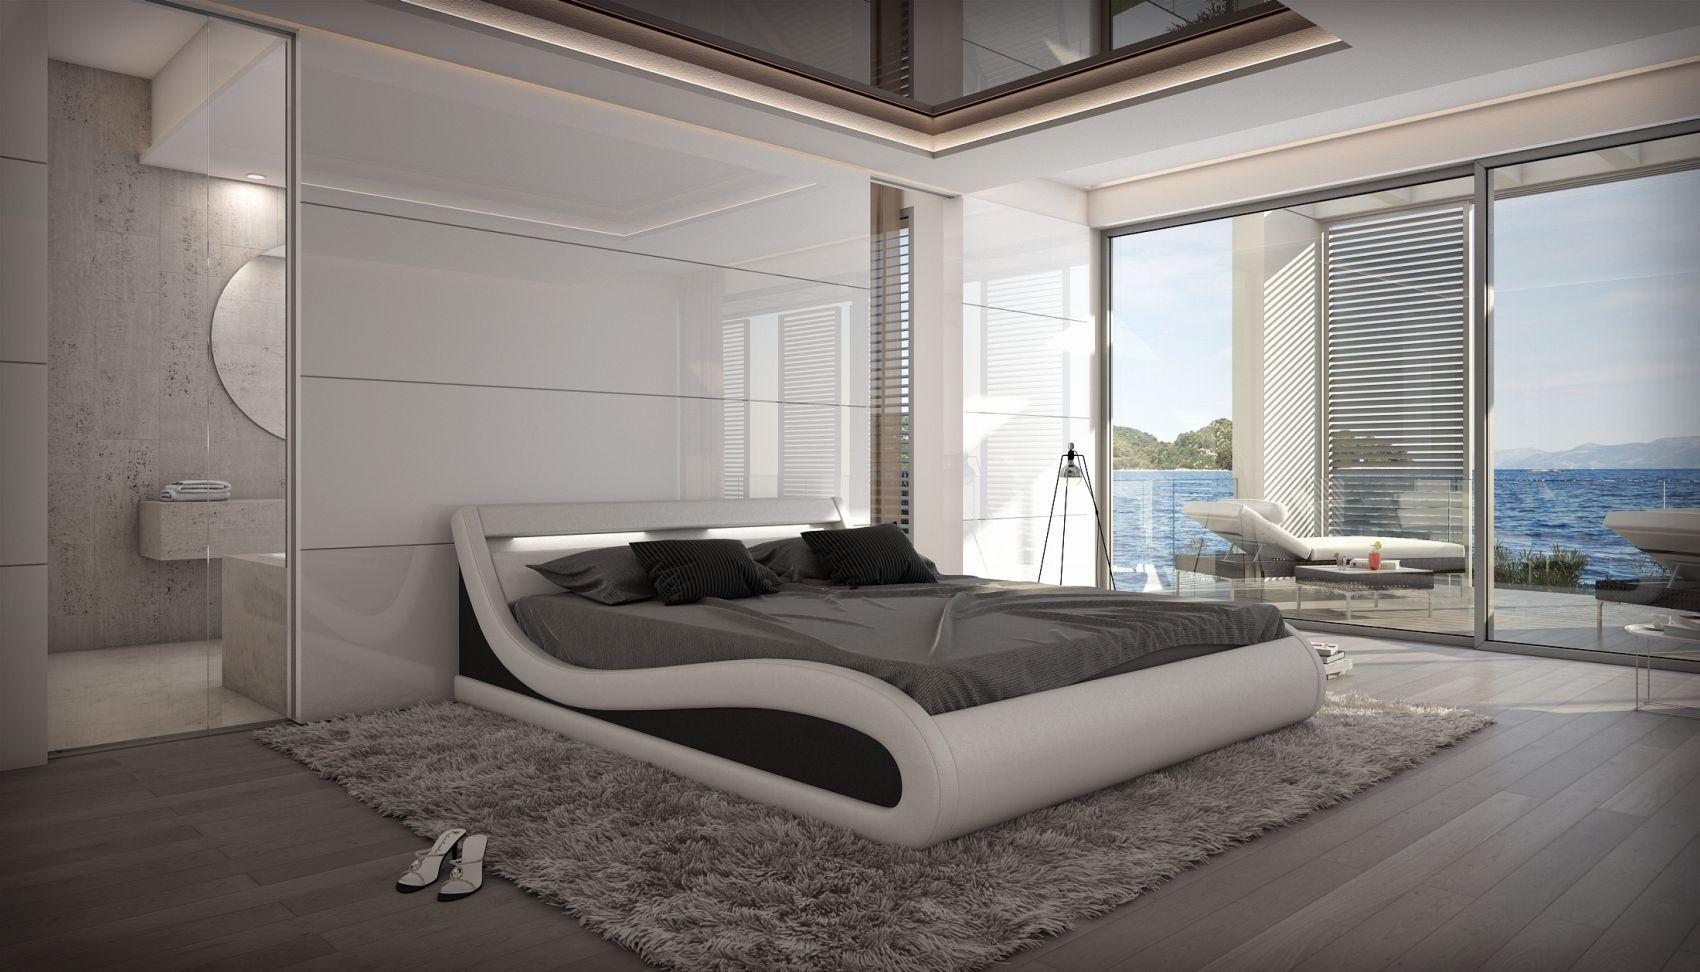 Full Size of Gnstiges Designer Bett Caserta Inklusive Led Beleuchtung Bestes 160x220 Betten Weiß Billerbeck 120x200 180x200 Mit Lattenrost Und Matratze Wasser 120x190 Bett Günstiges Bett